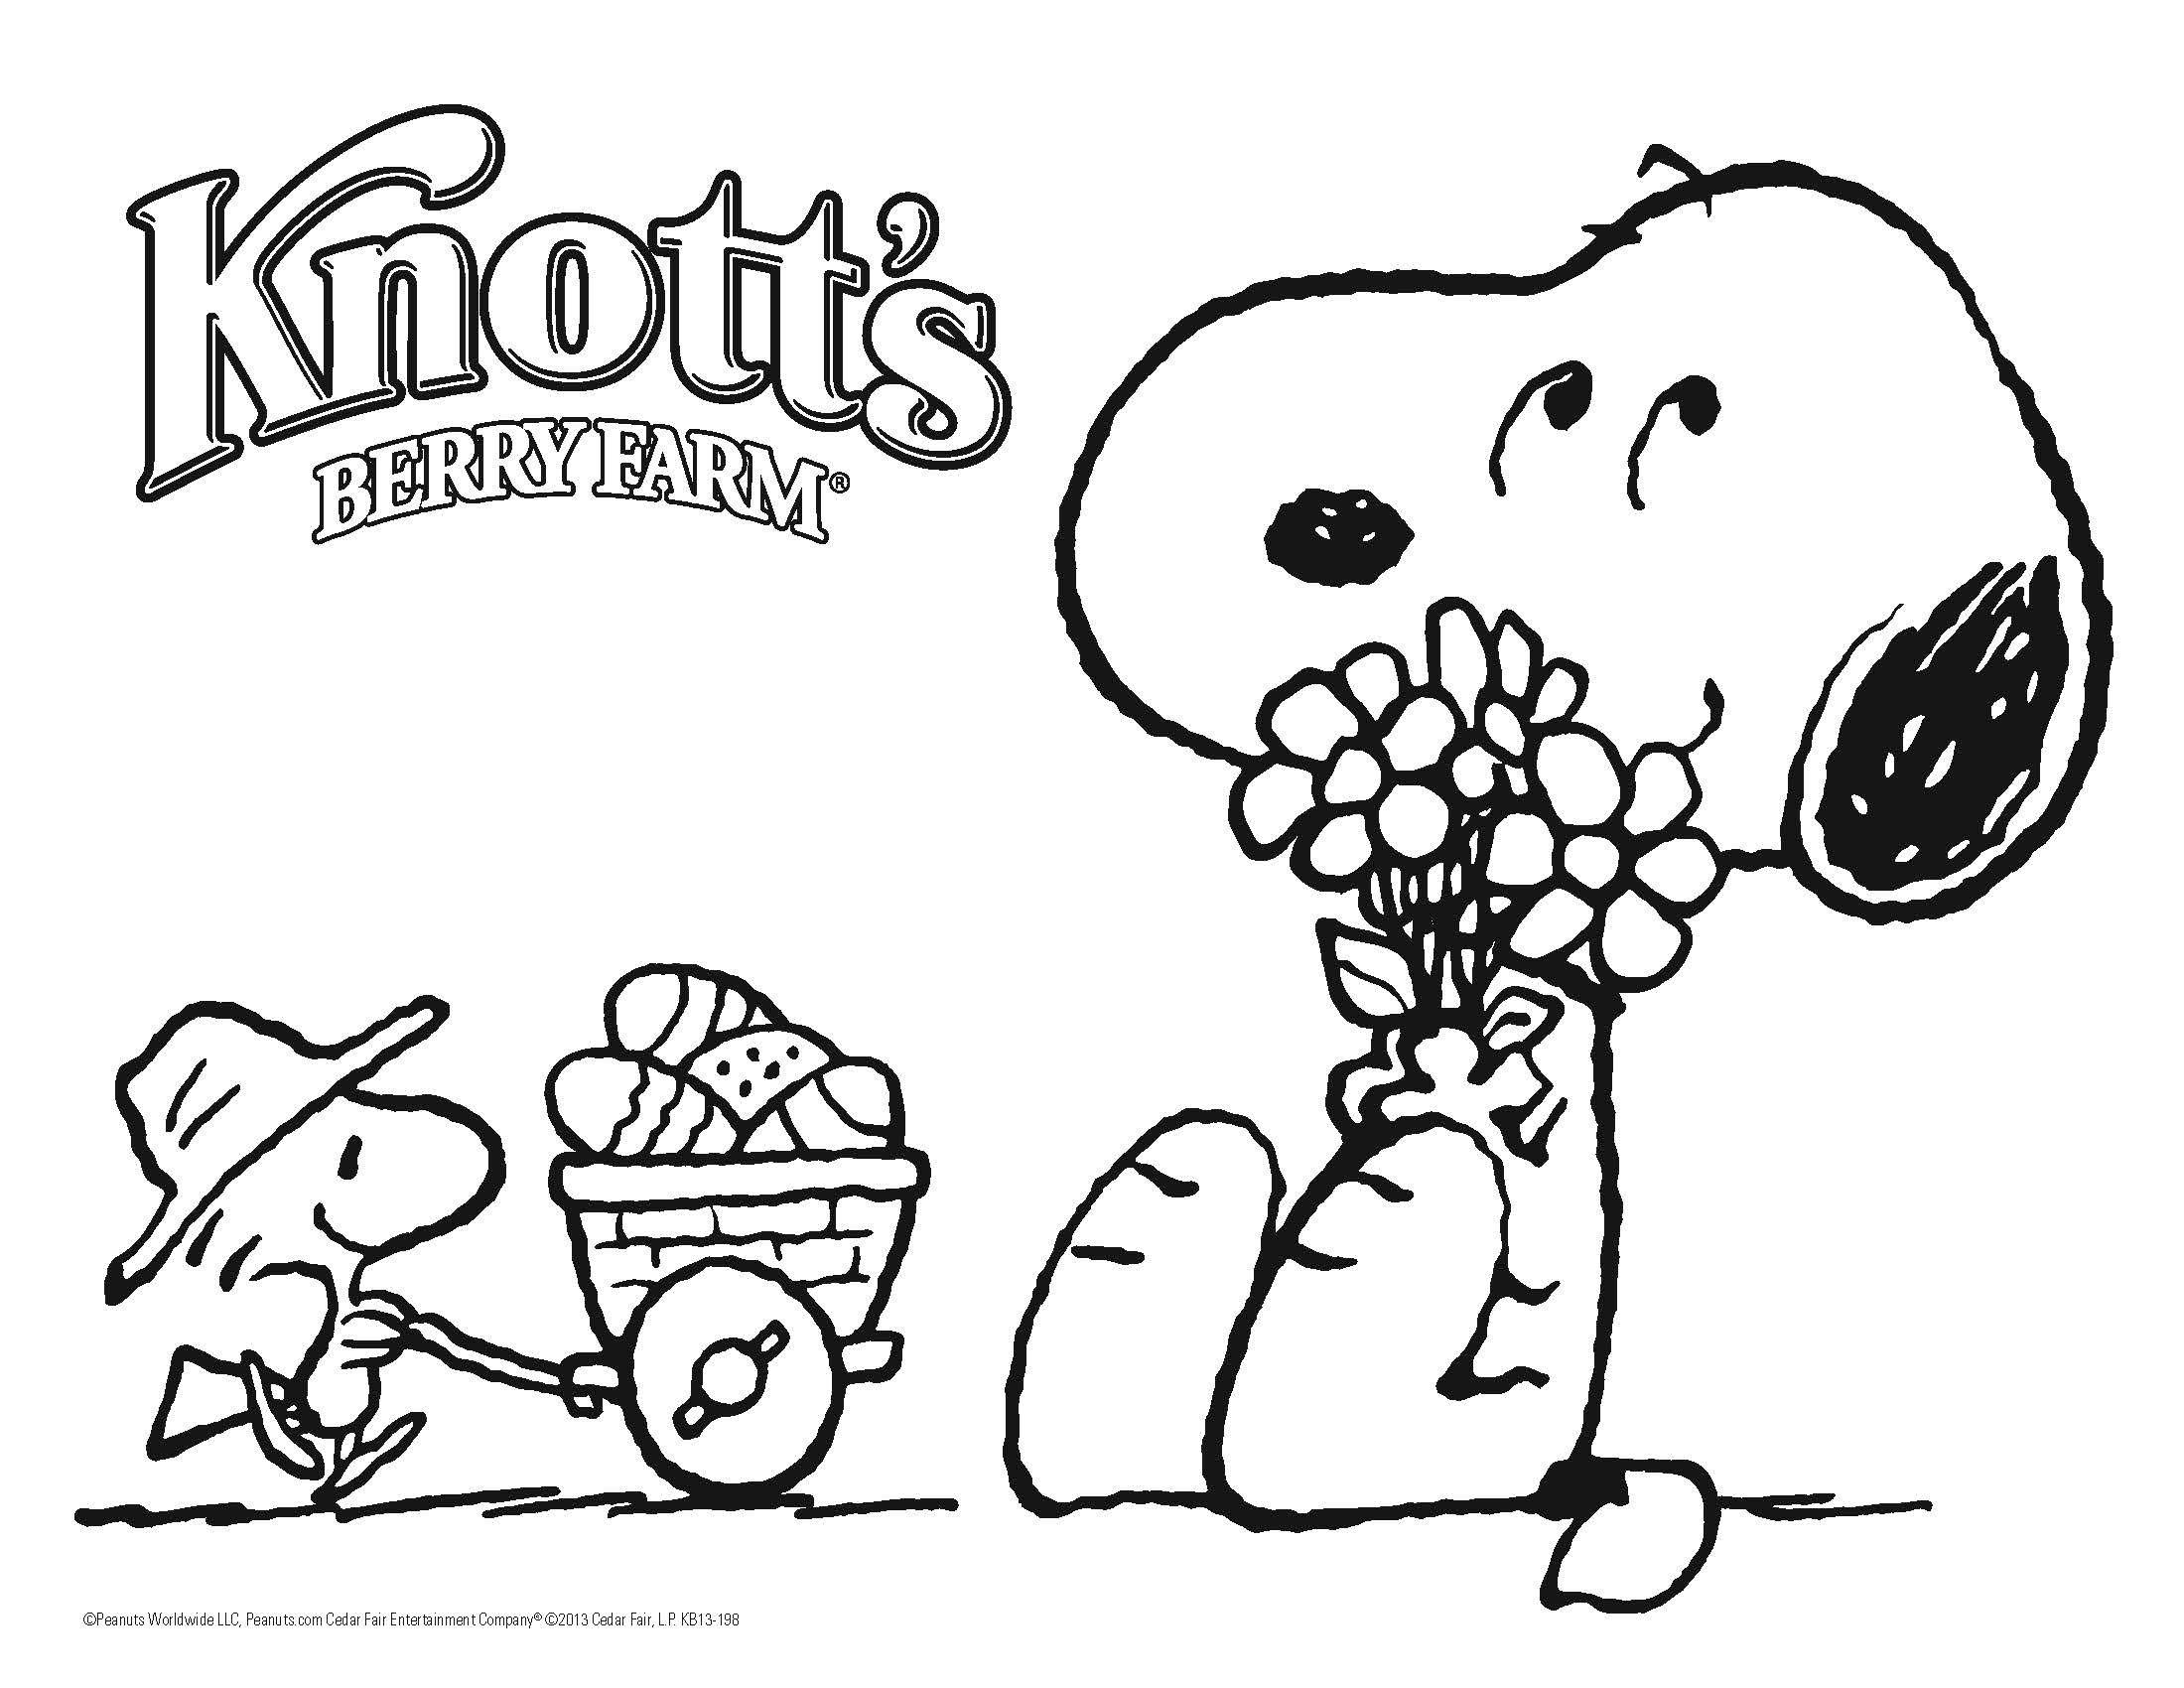 desenhos do snoopy para colorir e imprimir 22 jpg 2200 1700